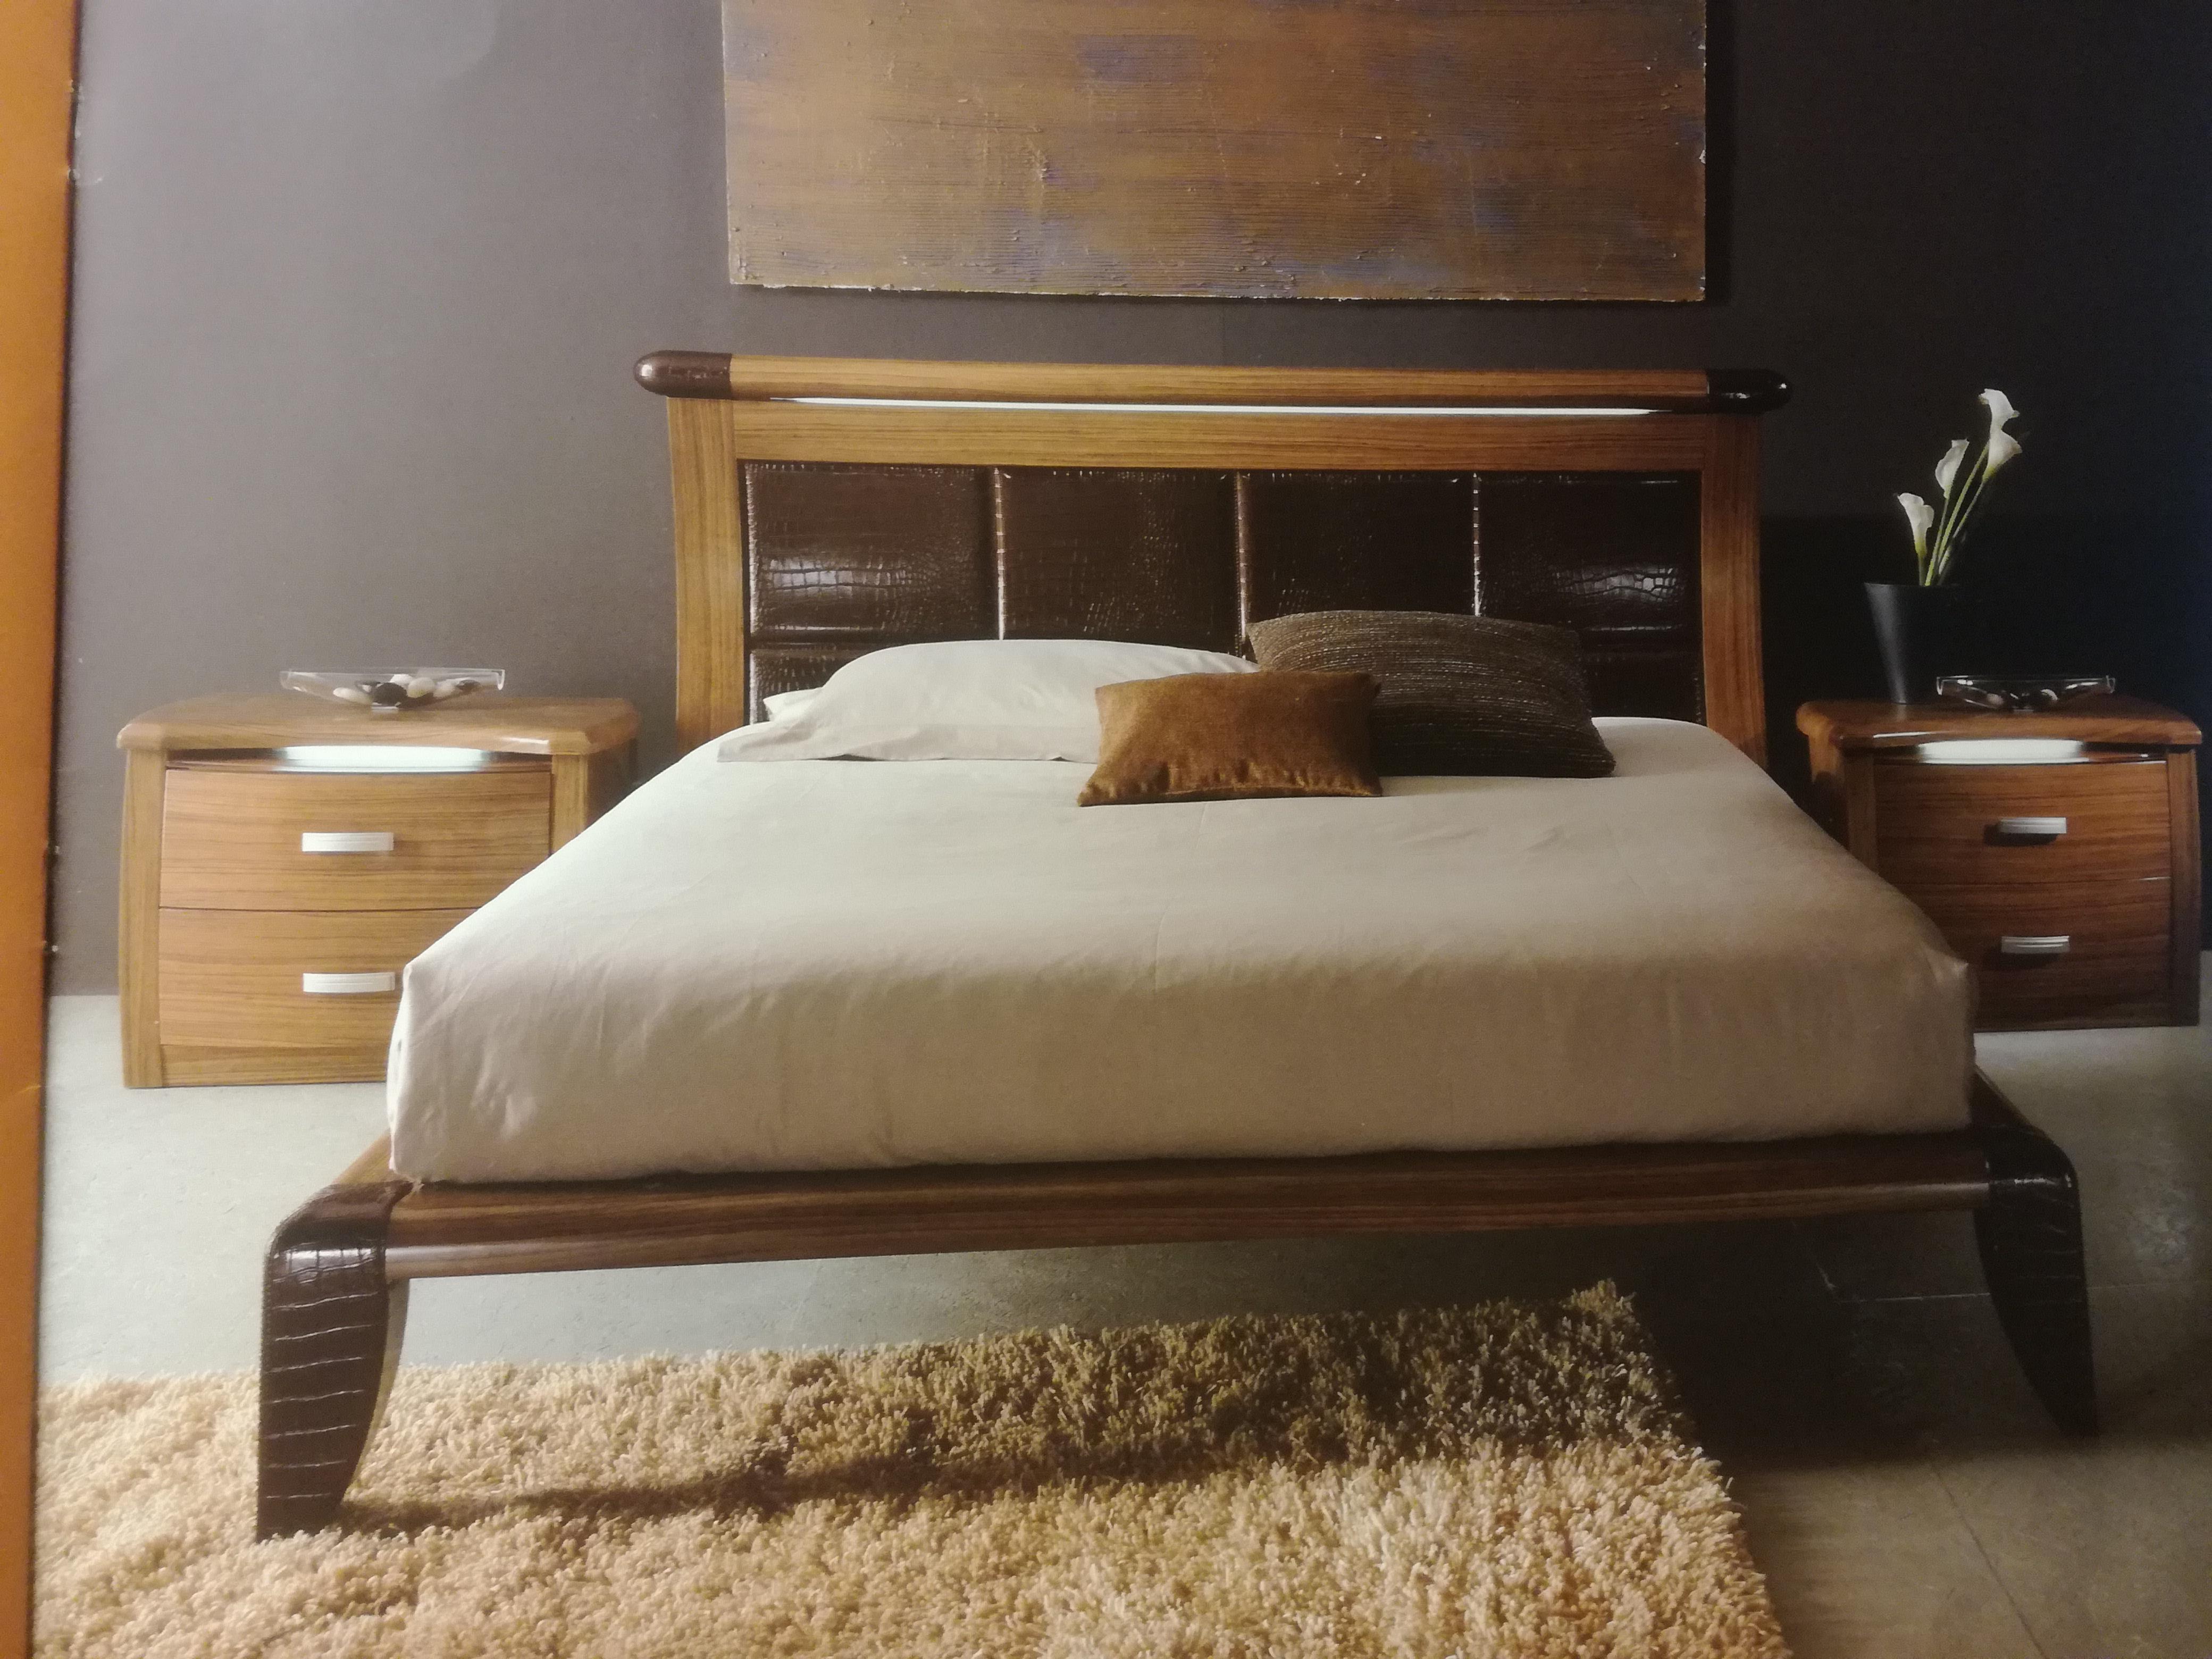 Camera da letto mobil pi mod avvenire completa for 4 piani di camera da letto